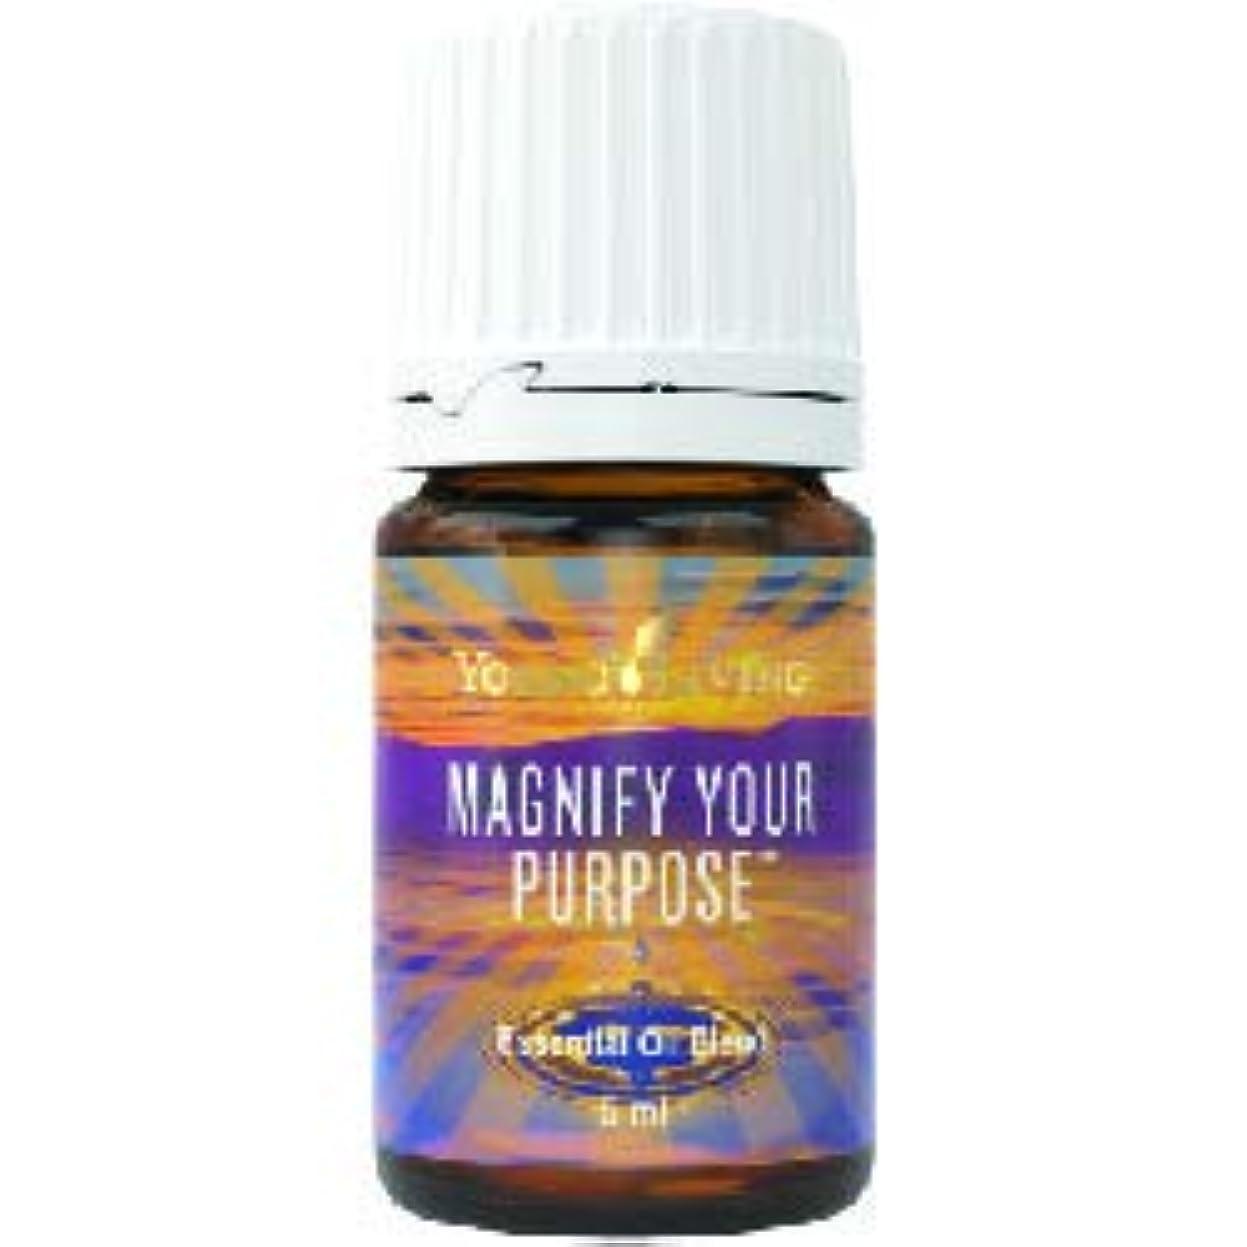 ウミウシ損傷調整目的を拡大するエッセンシャルオイル ヤングリビングエッセンシャルオイルマレーシア5ml Magnify Your Purpose Essential Oil 5ml by Young Living Essential Oil Malaysia